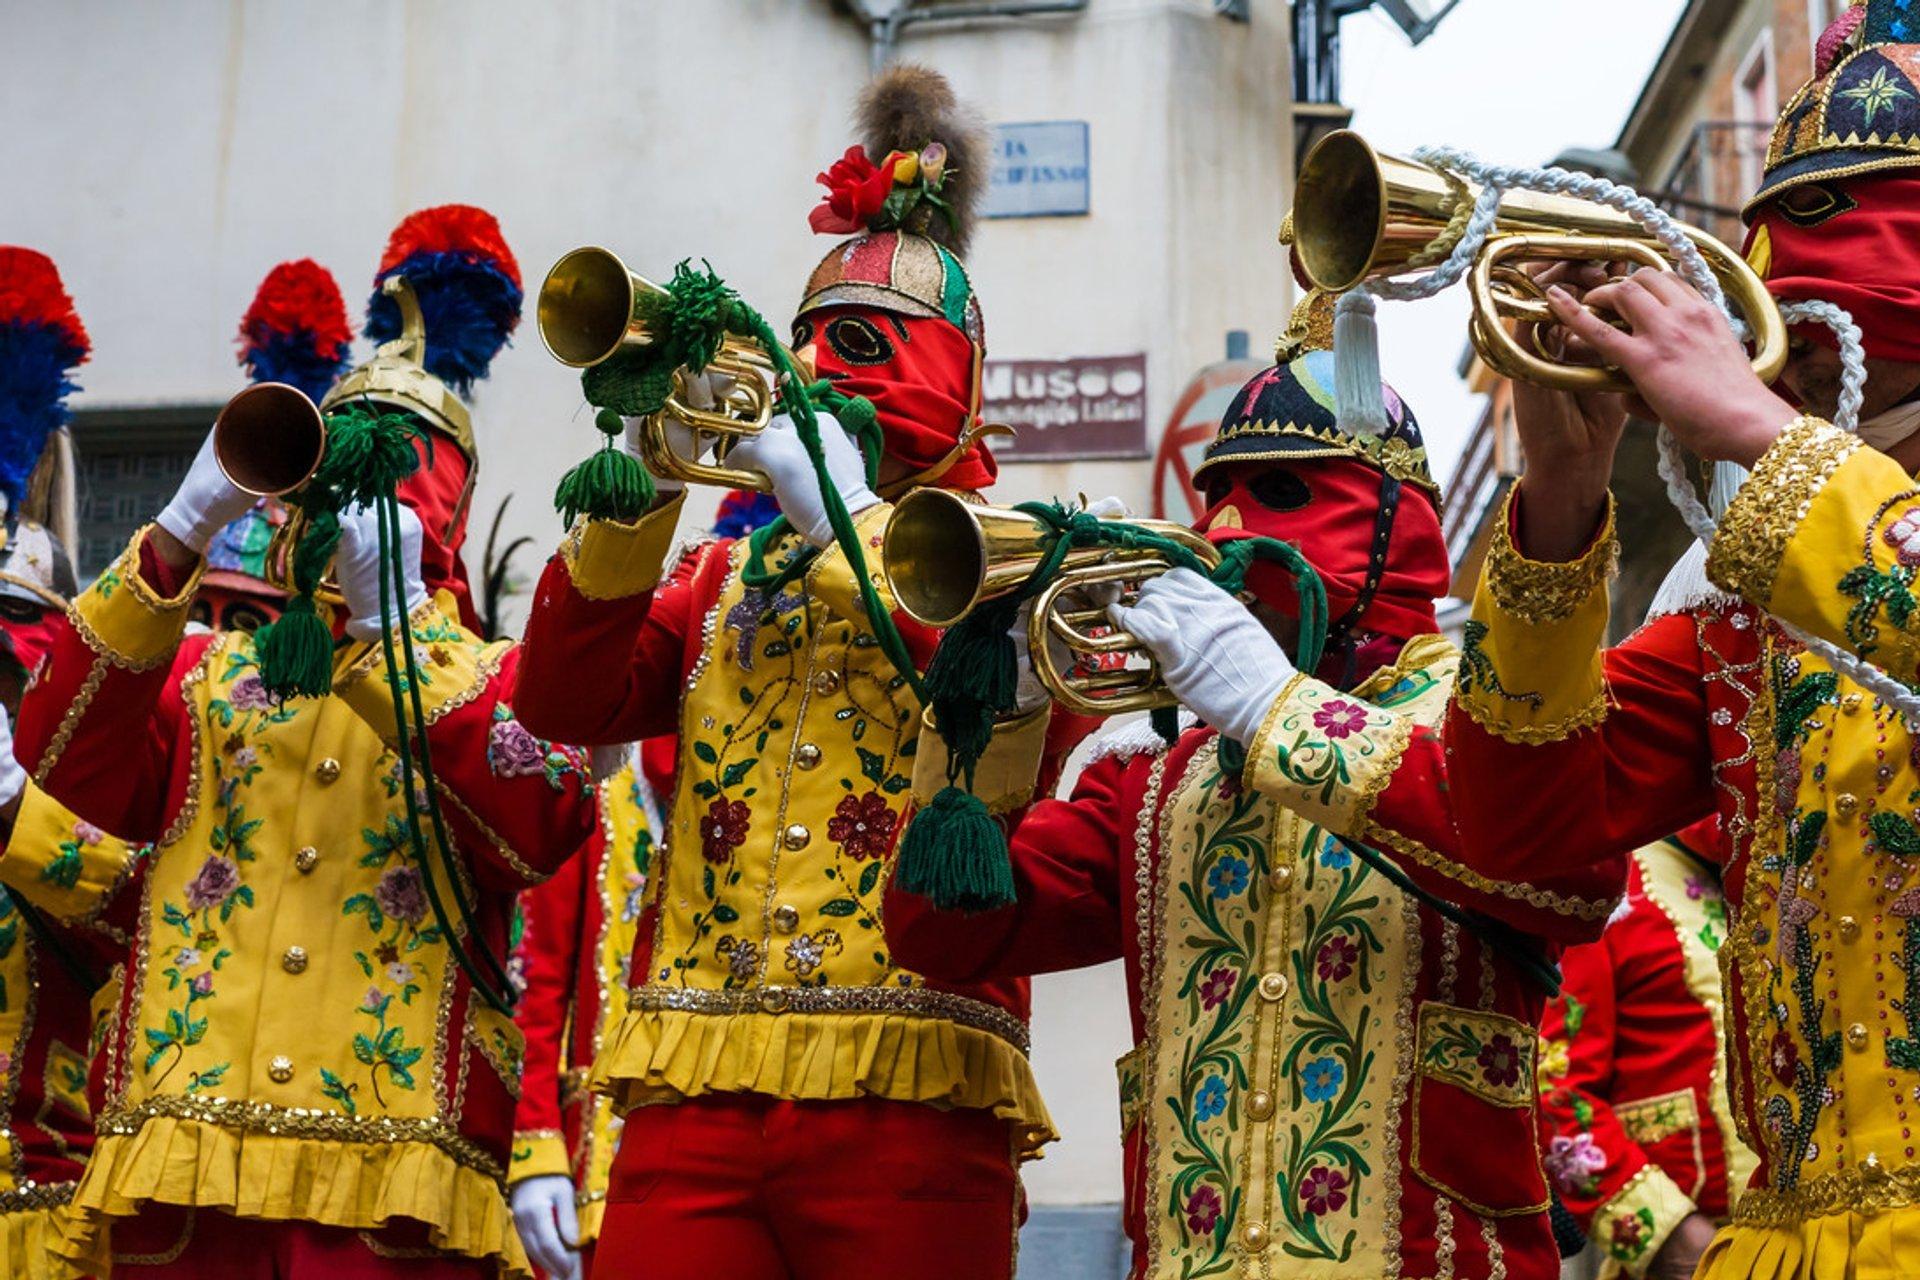 Festa dei Giudei (Judeans' Festival) 2020